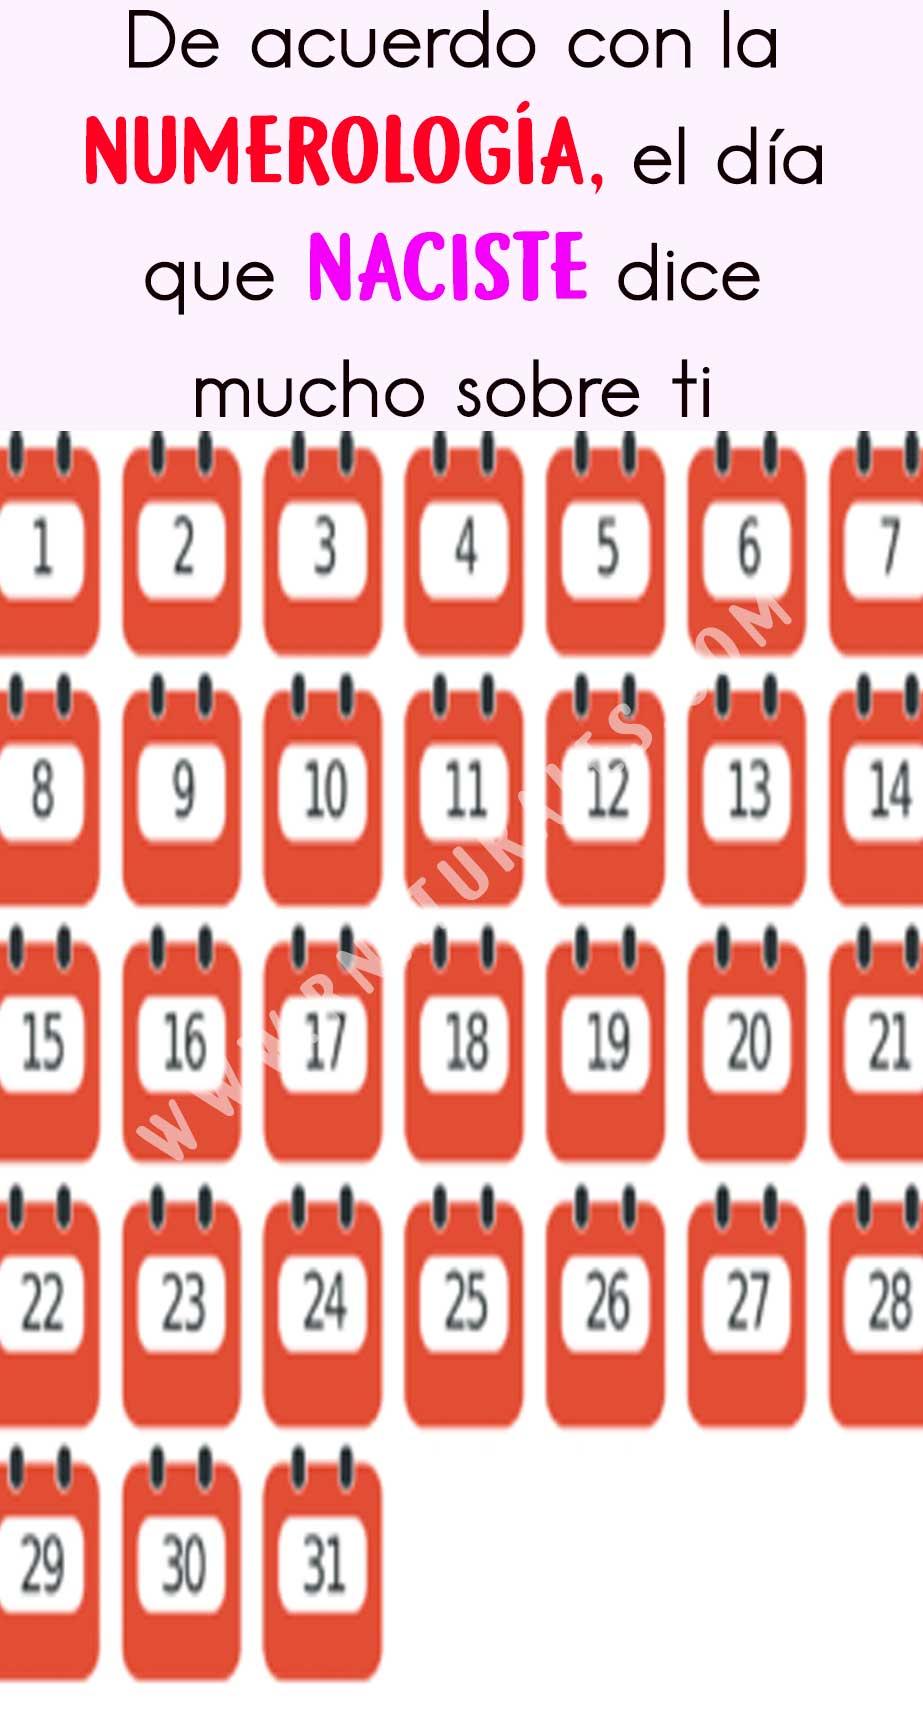 numerología,